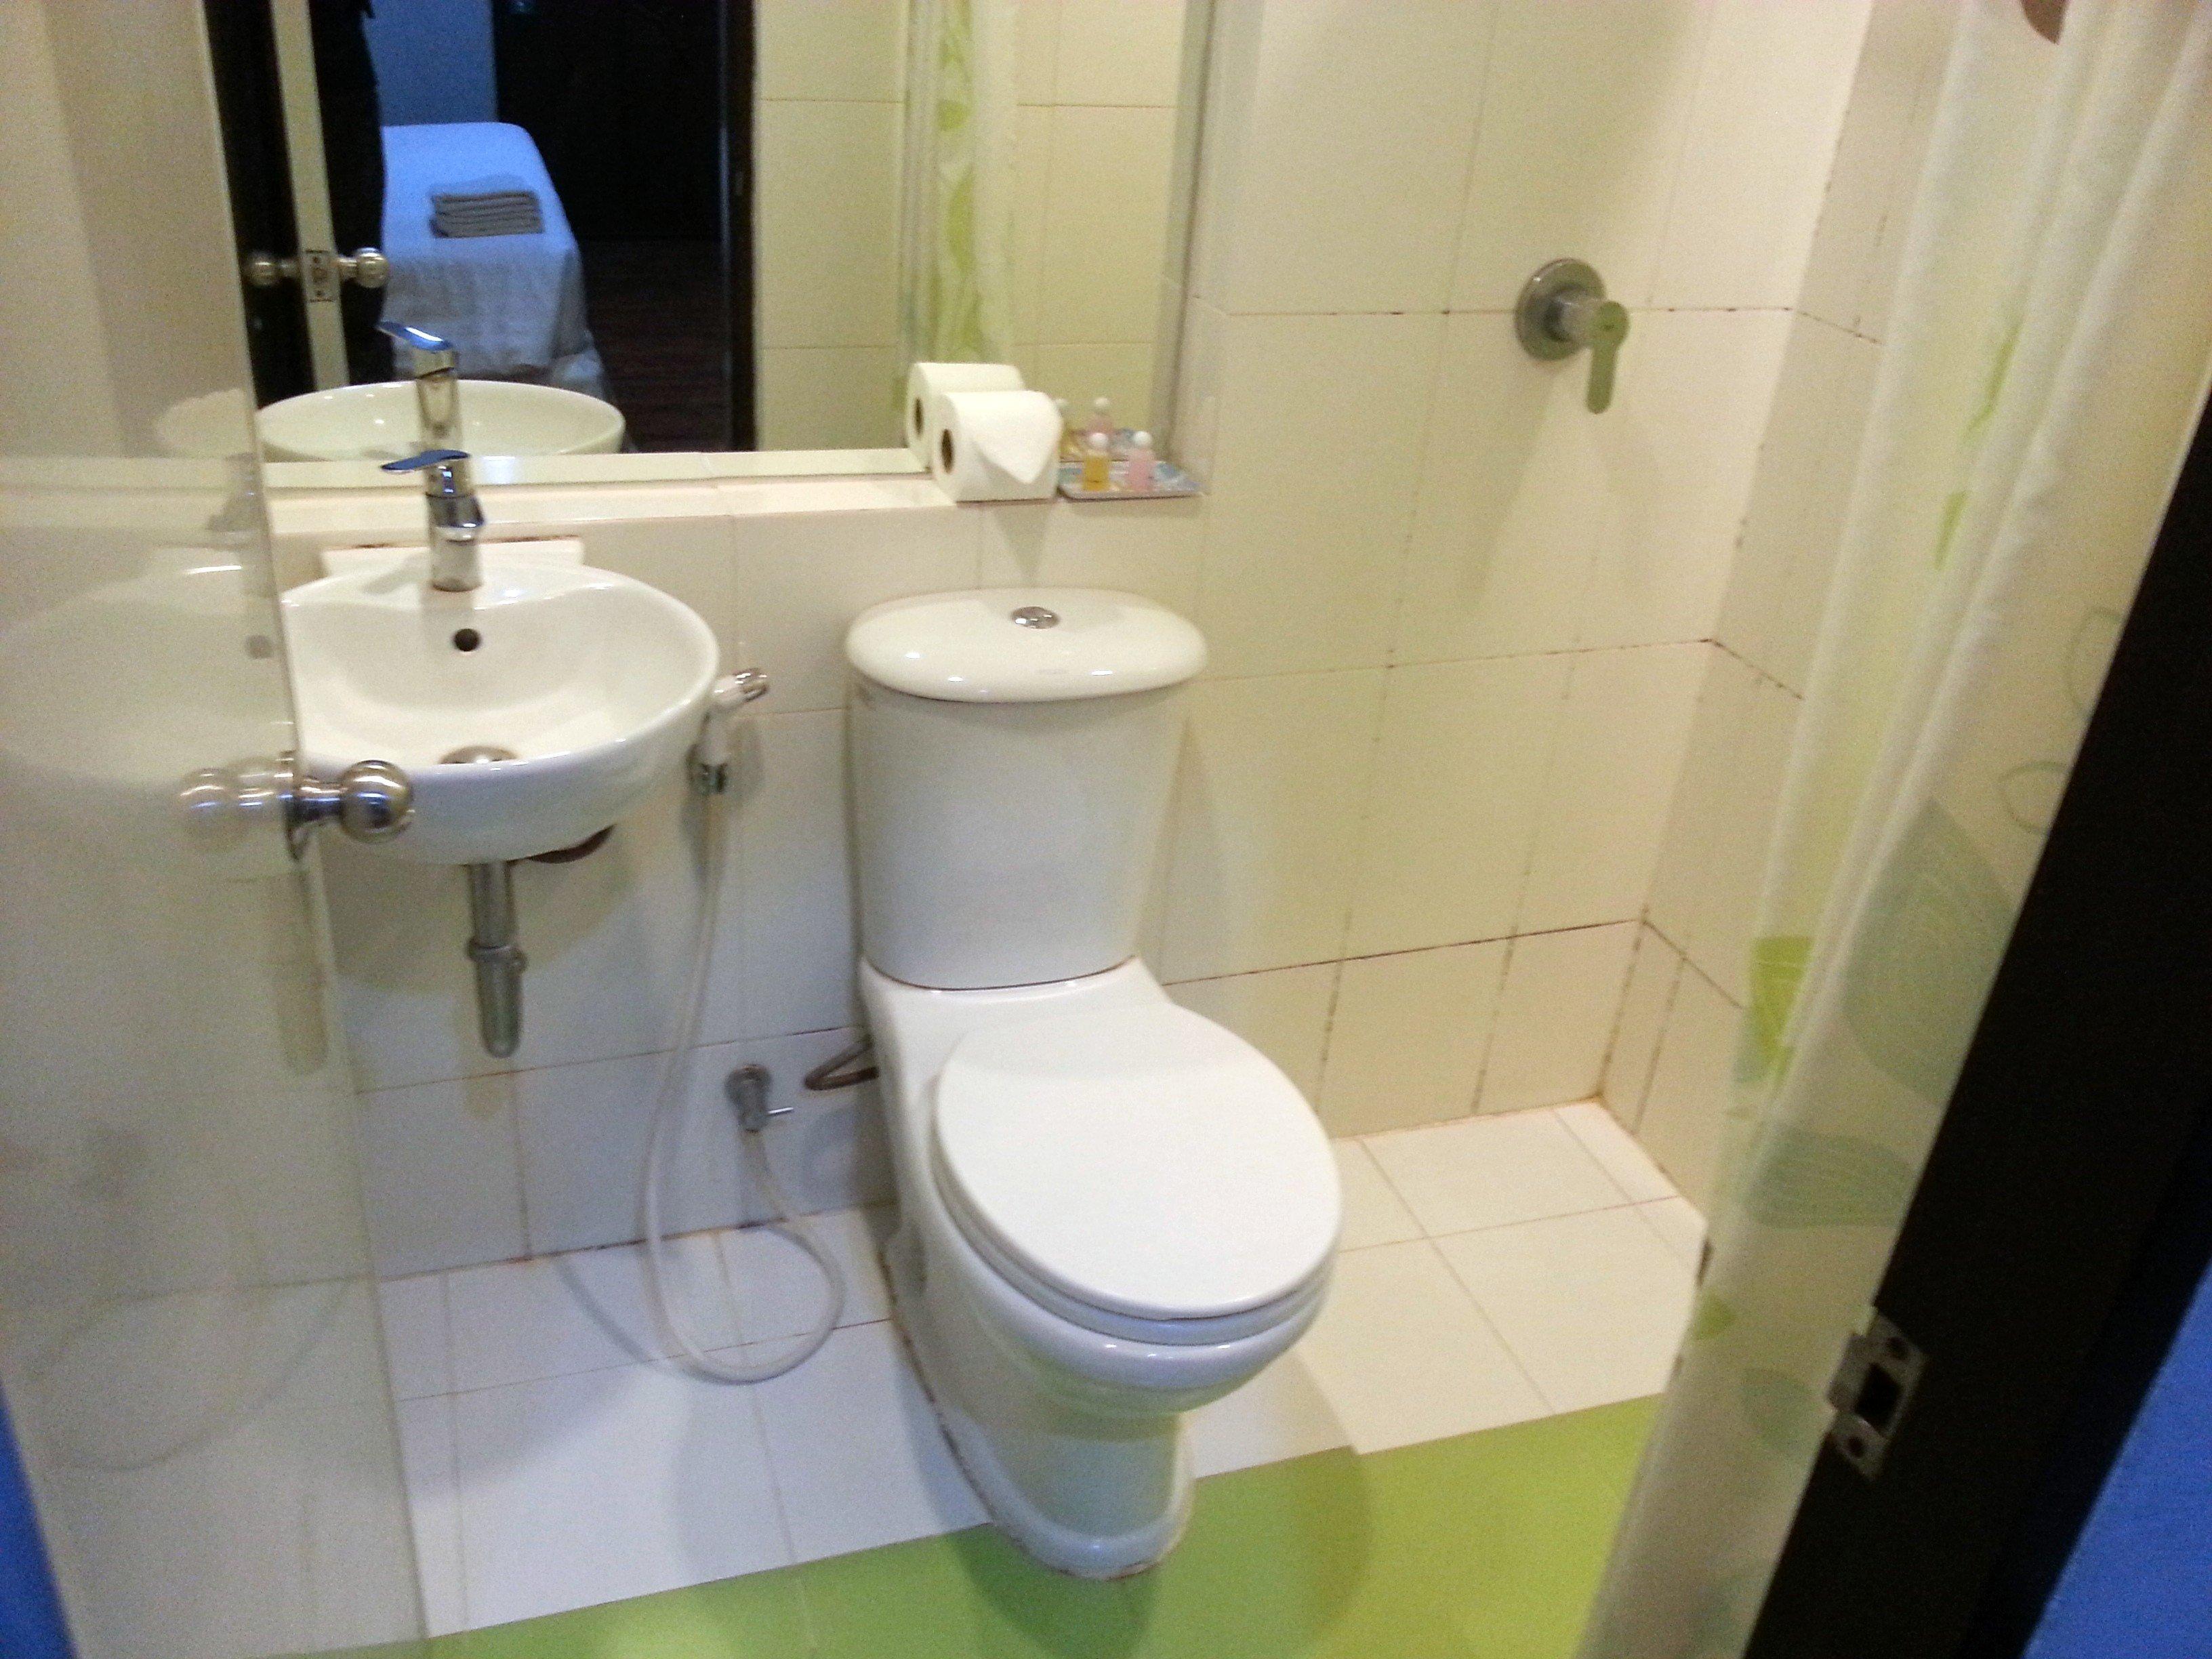 Bathroom at the SF Biz Hotel